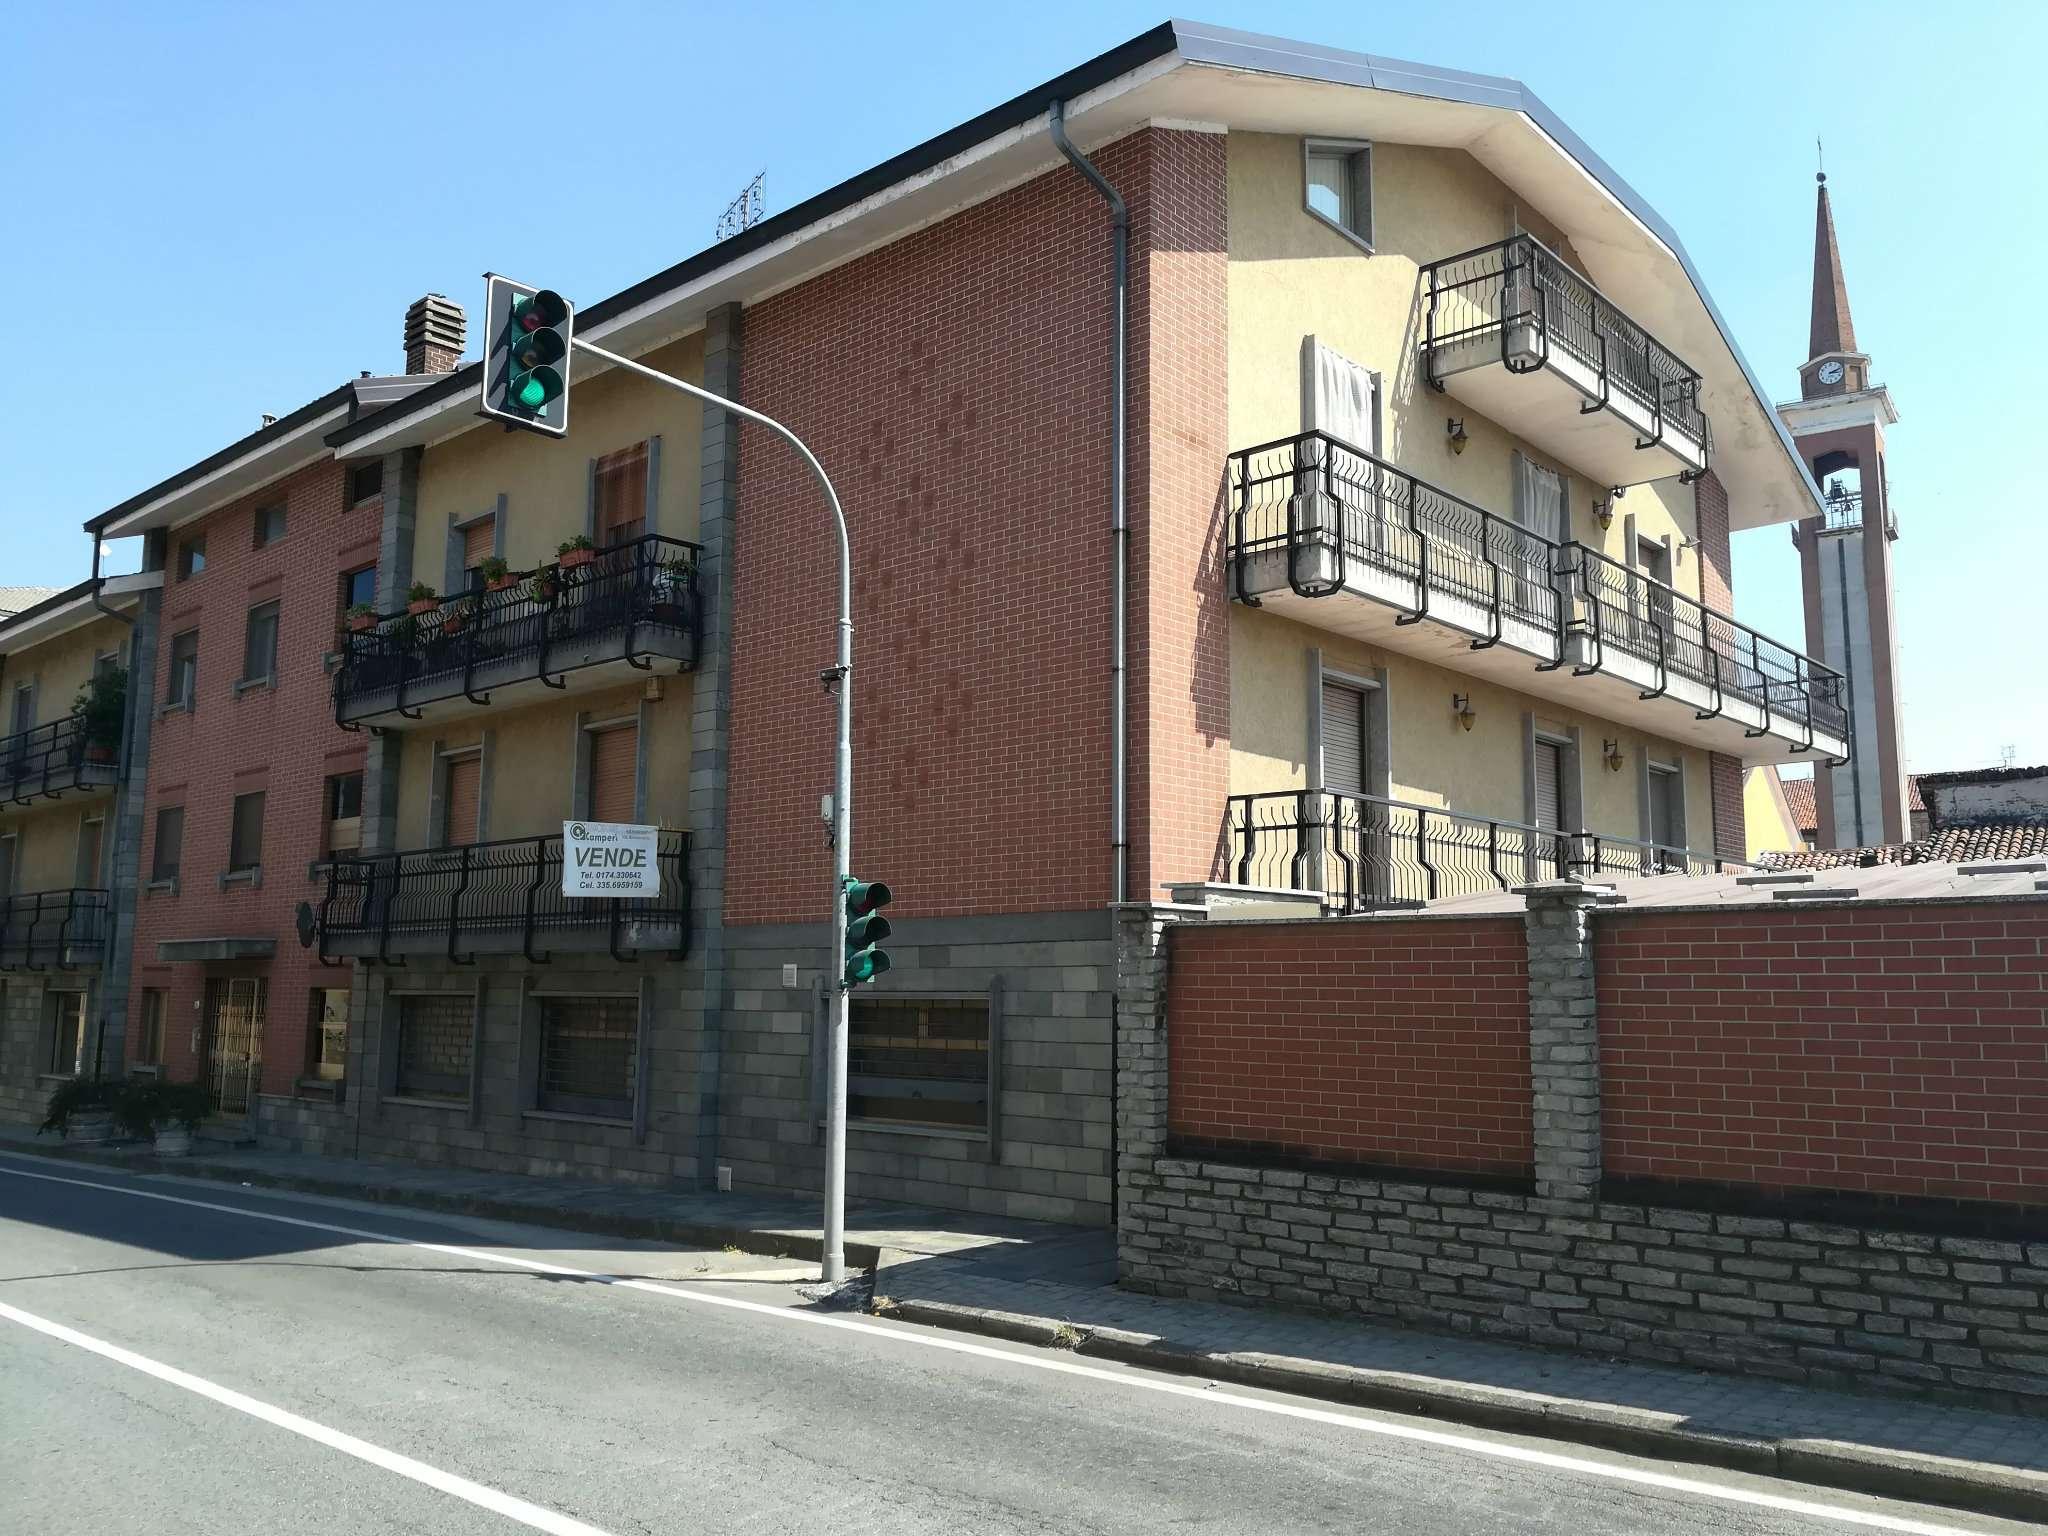 Appartamento in vendita a Rocca de' Baldi, 8 locali, prezzo € 98.000 | CambioCasa.it